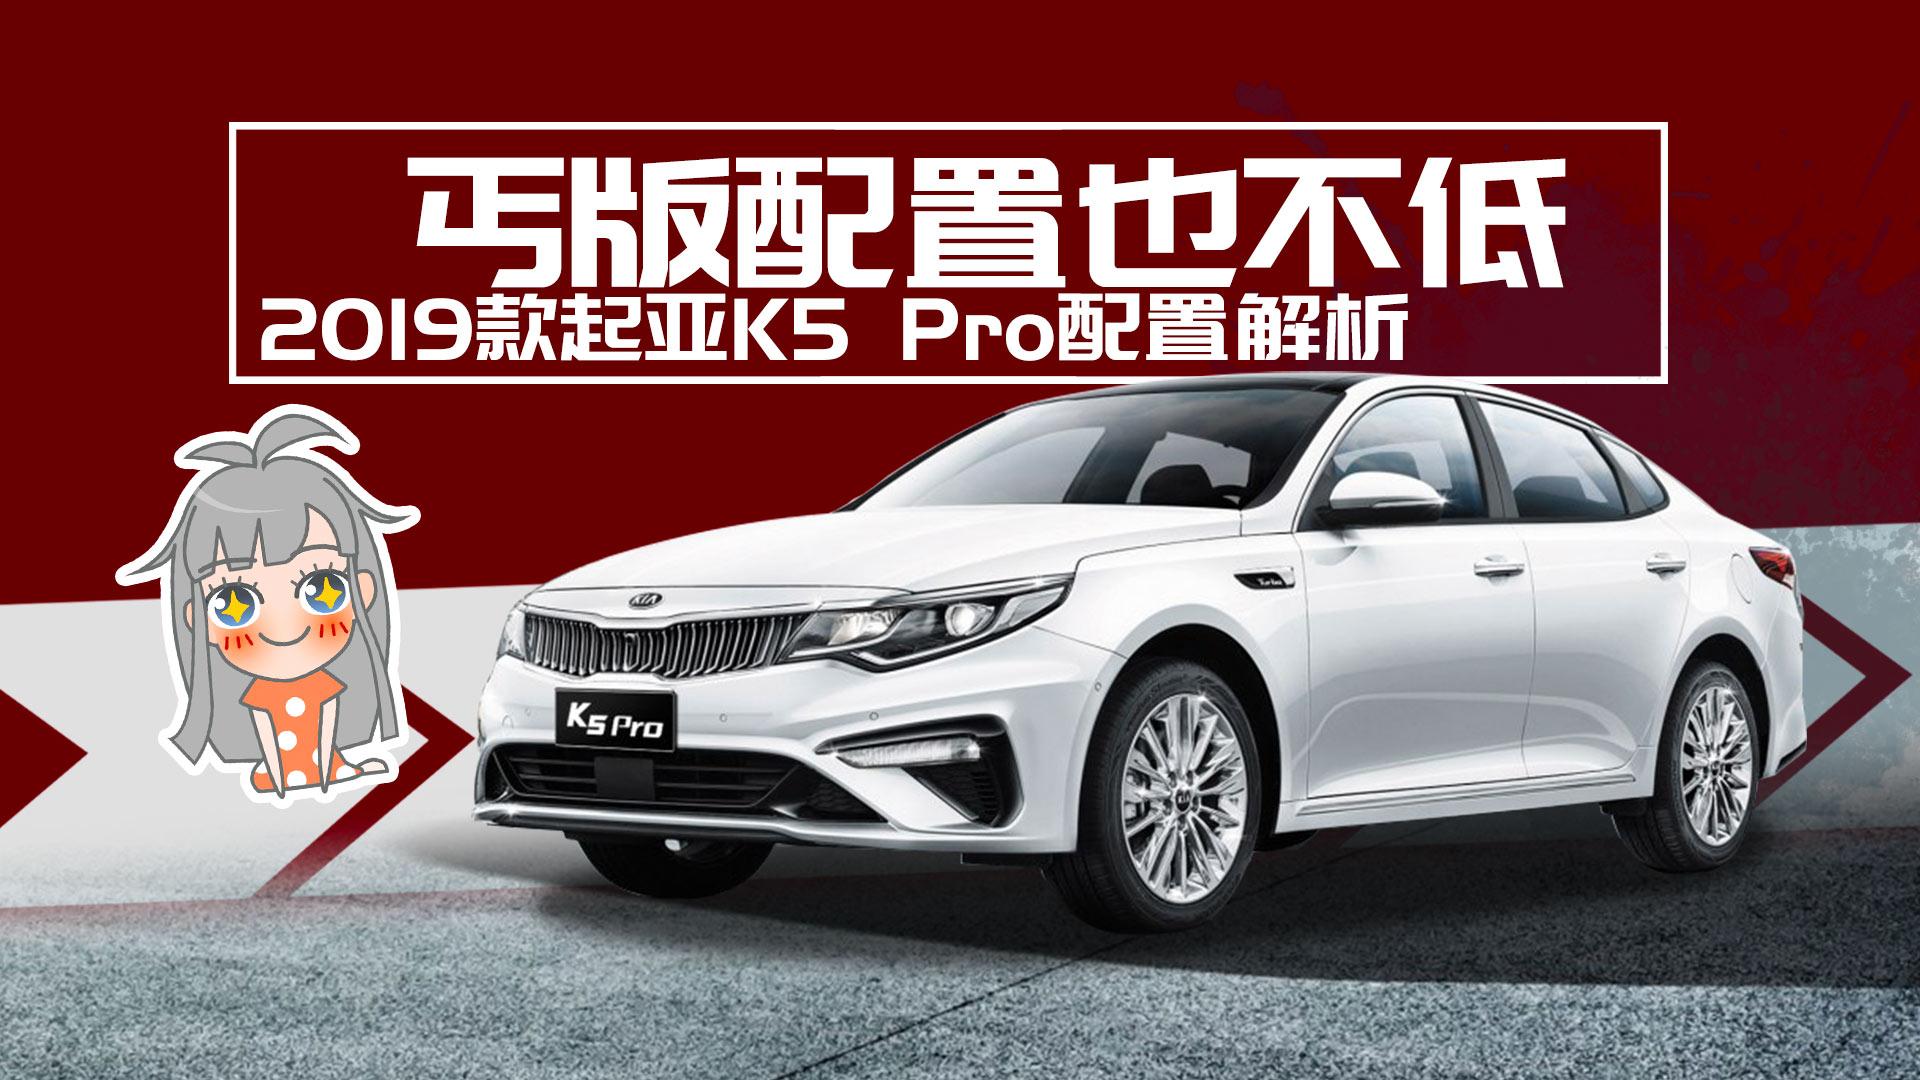 【购车300秒】入门车型也有高配置 2019款起亚K5 Pro车型解析